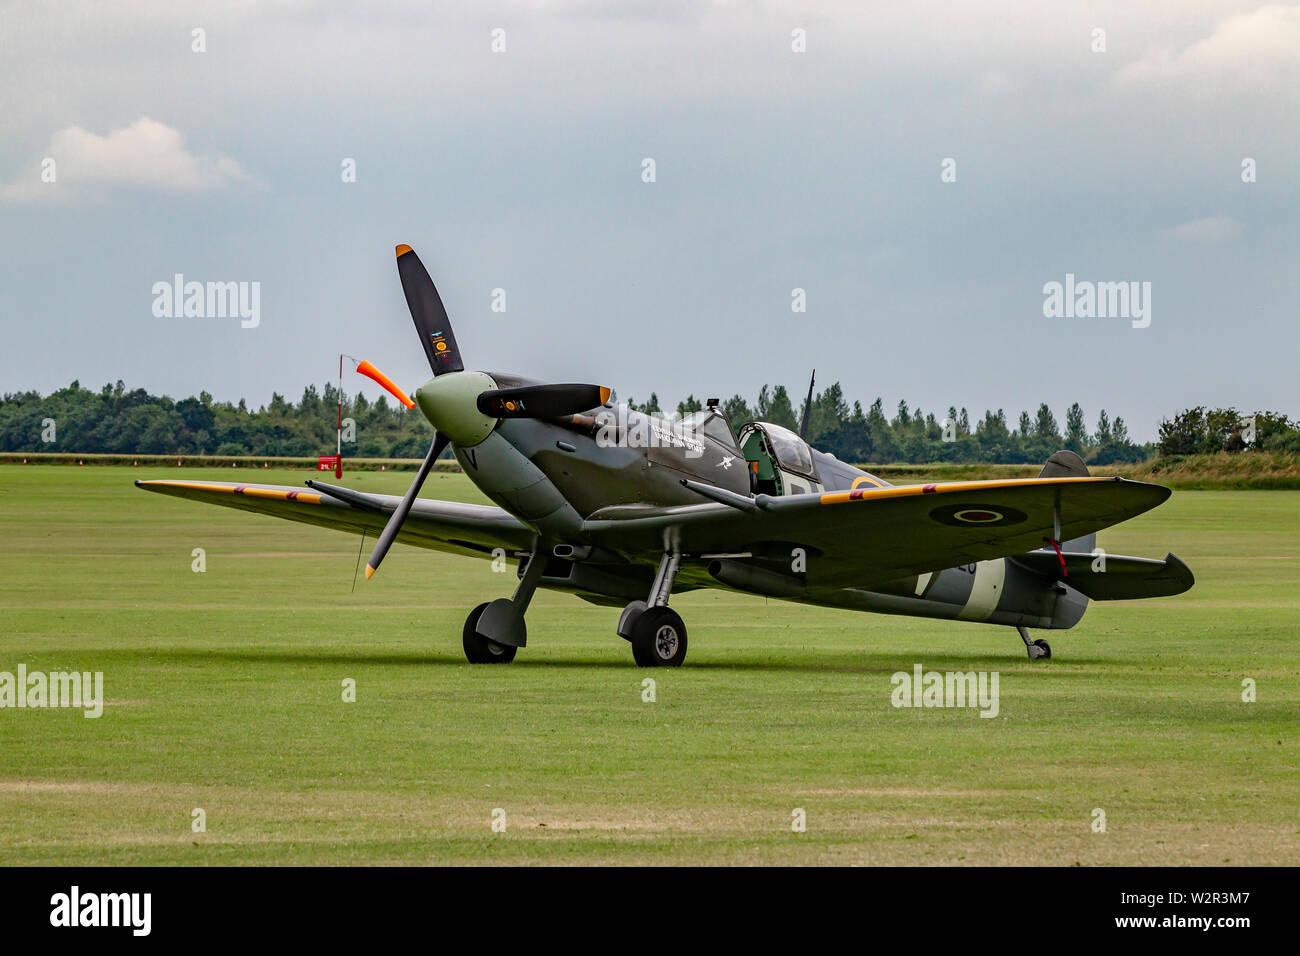 Spitefilre on the ground at Sywell  Aerodrome, Northamptonshire, UK. - Stock Image